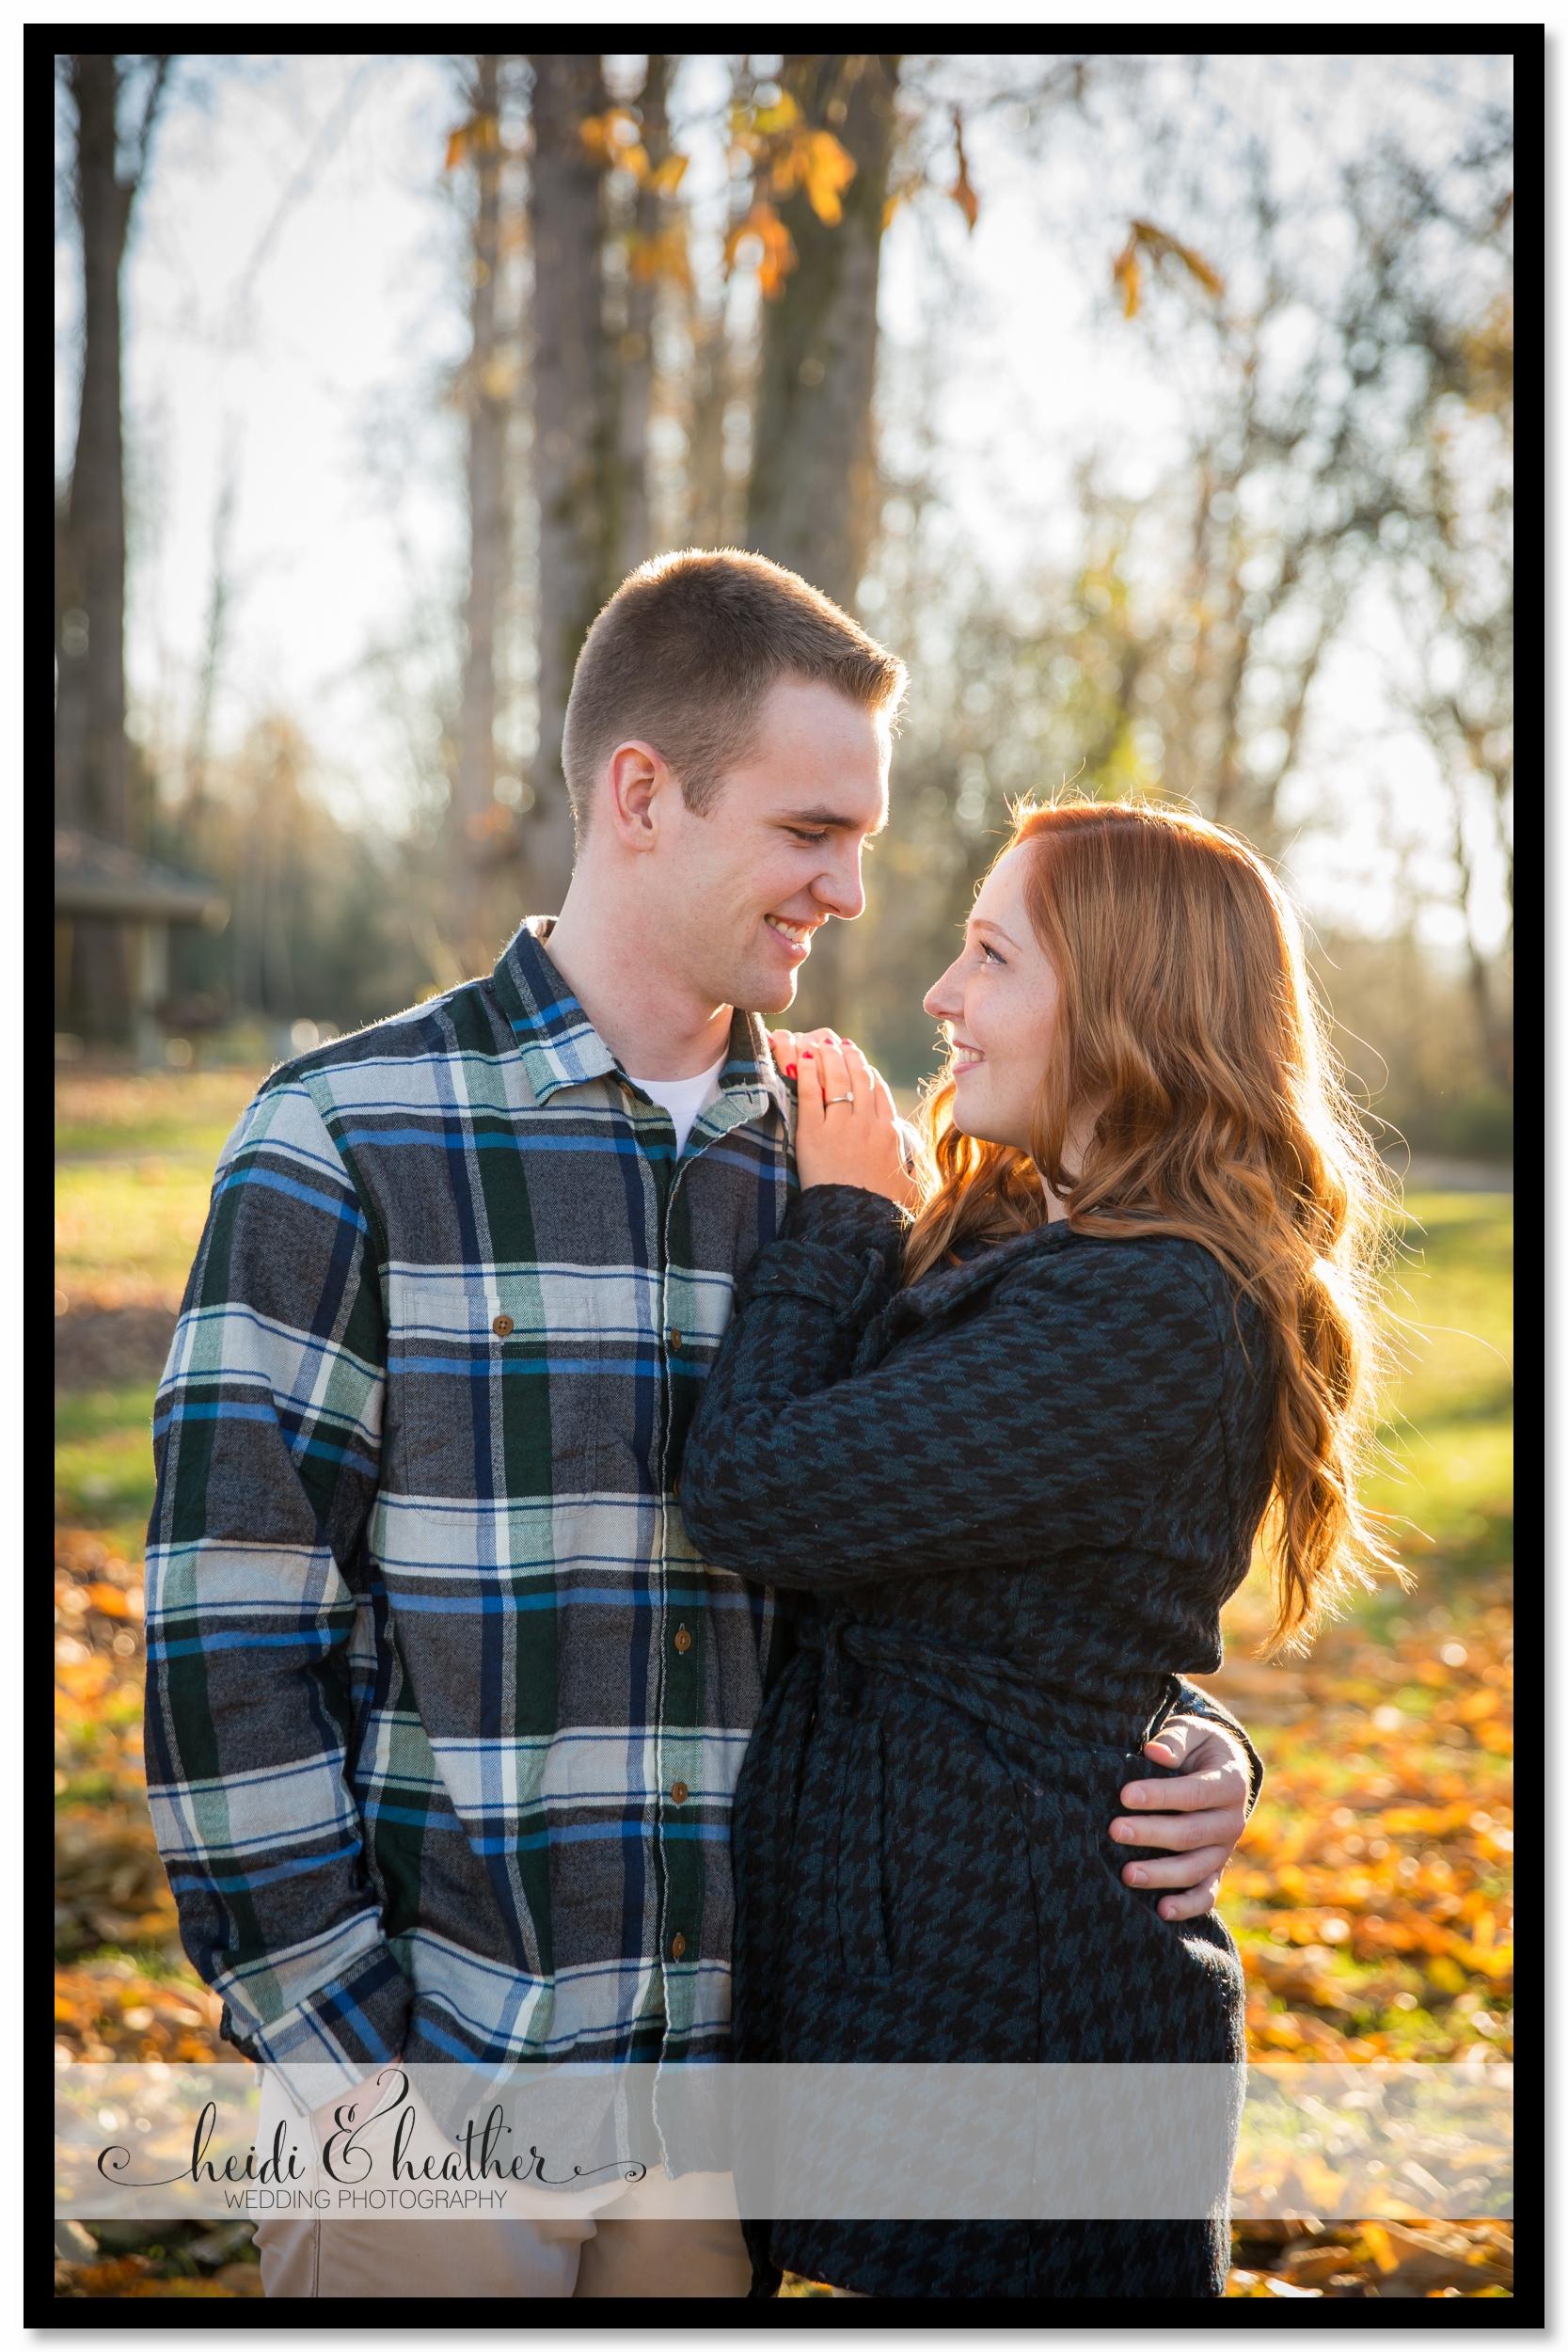 HHWP - Emery Engagement-4.jpg